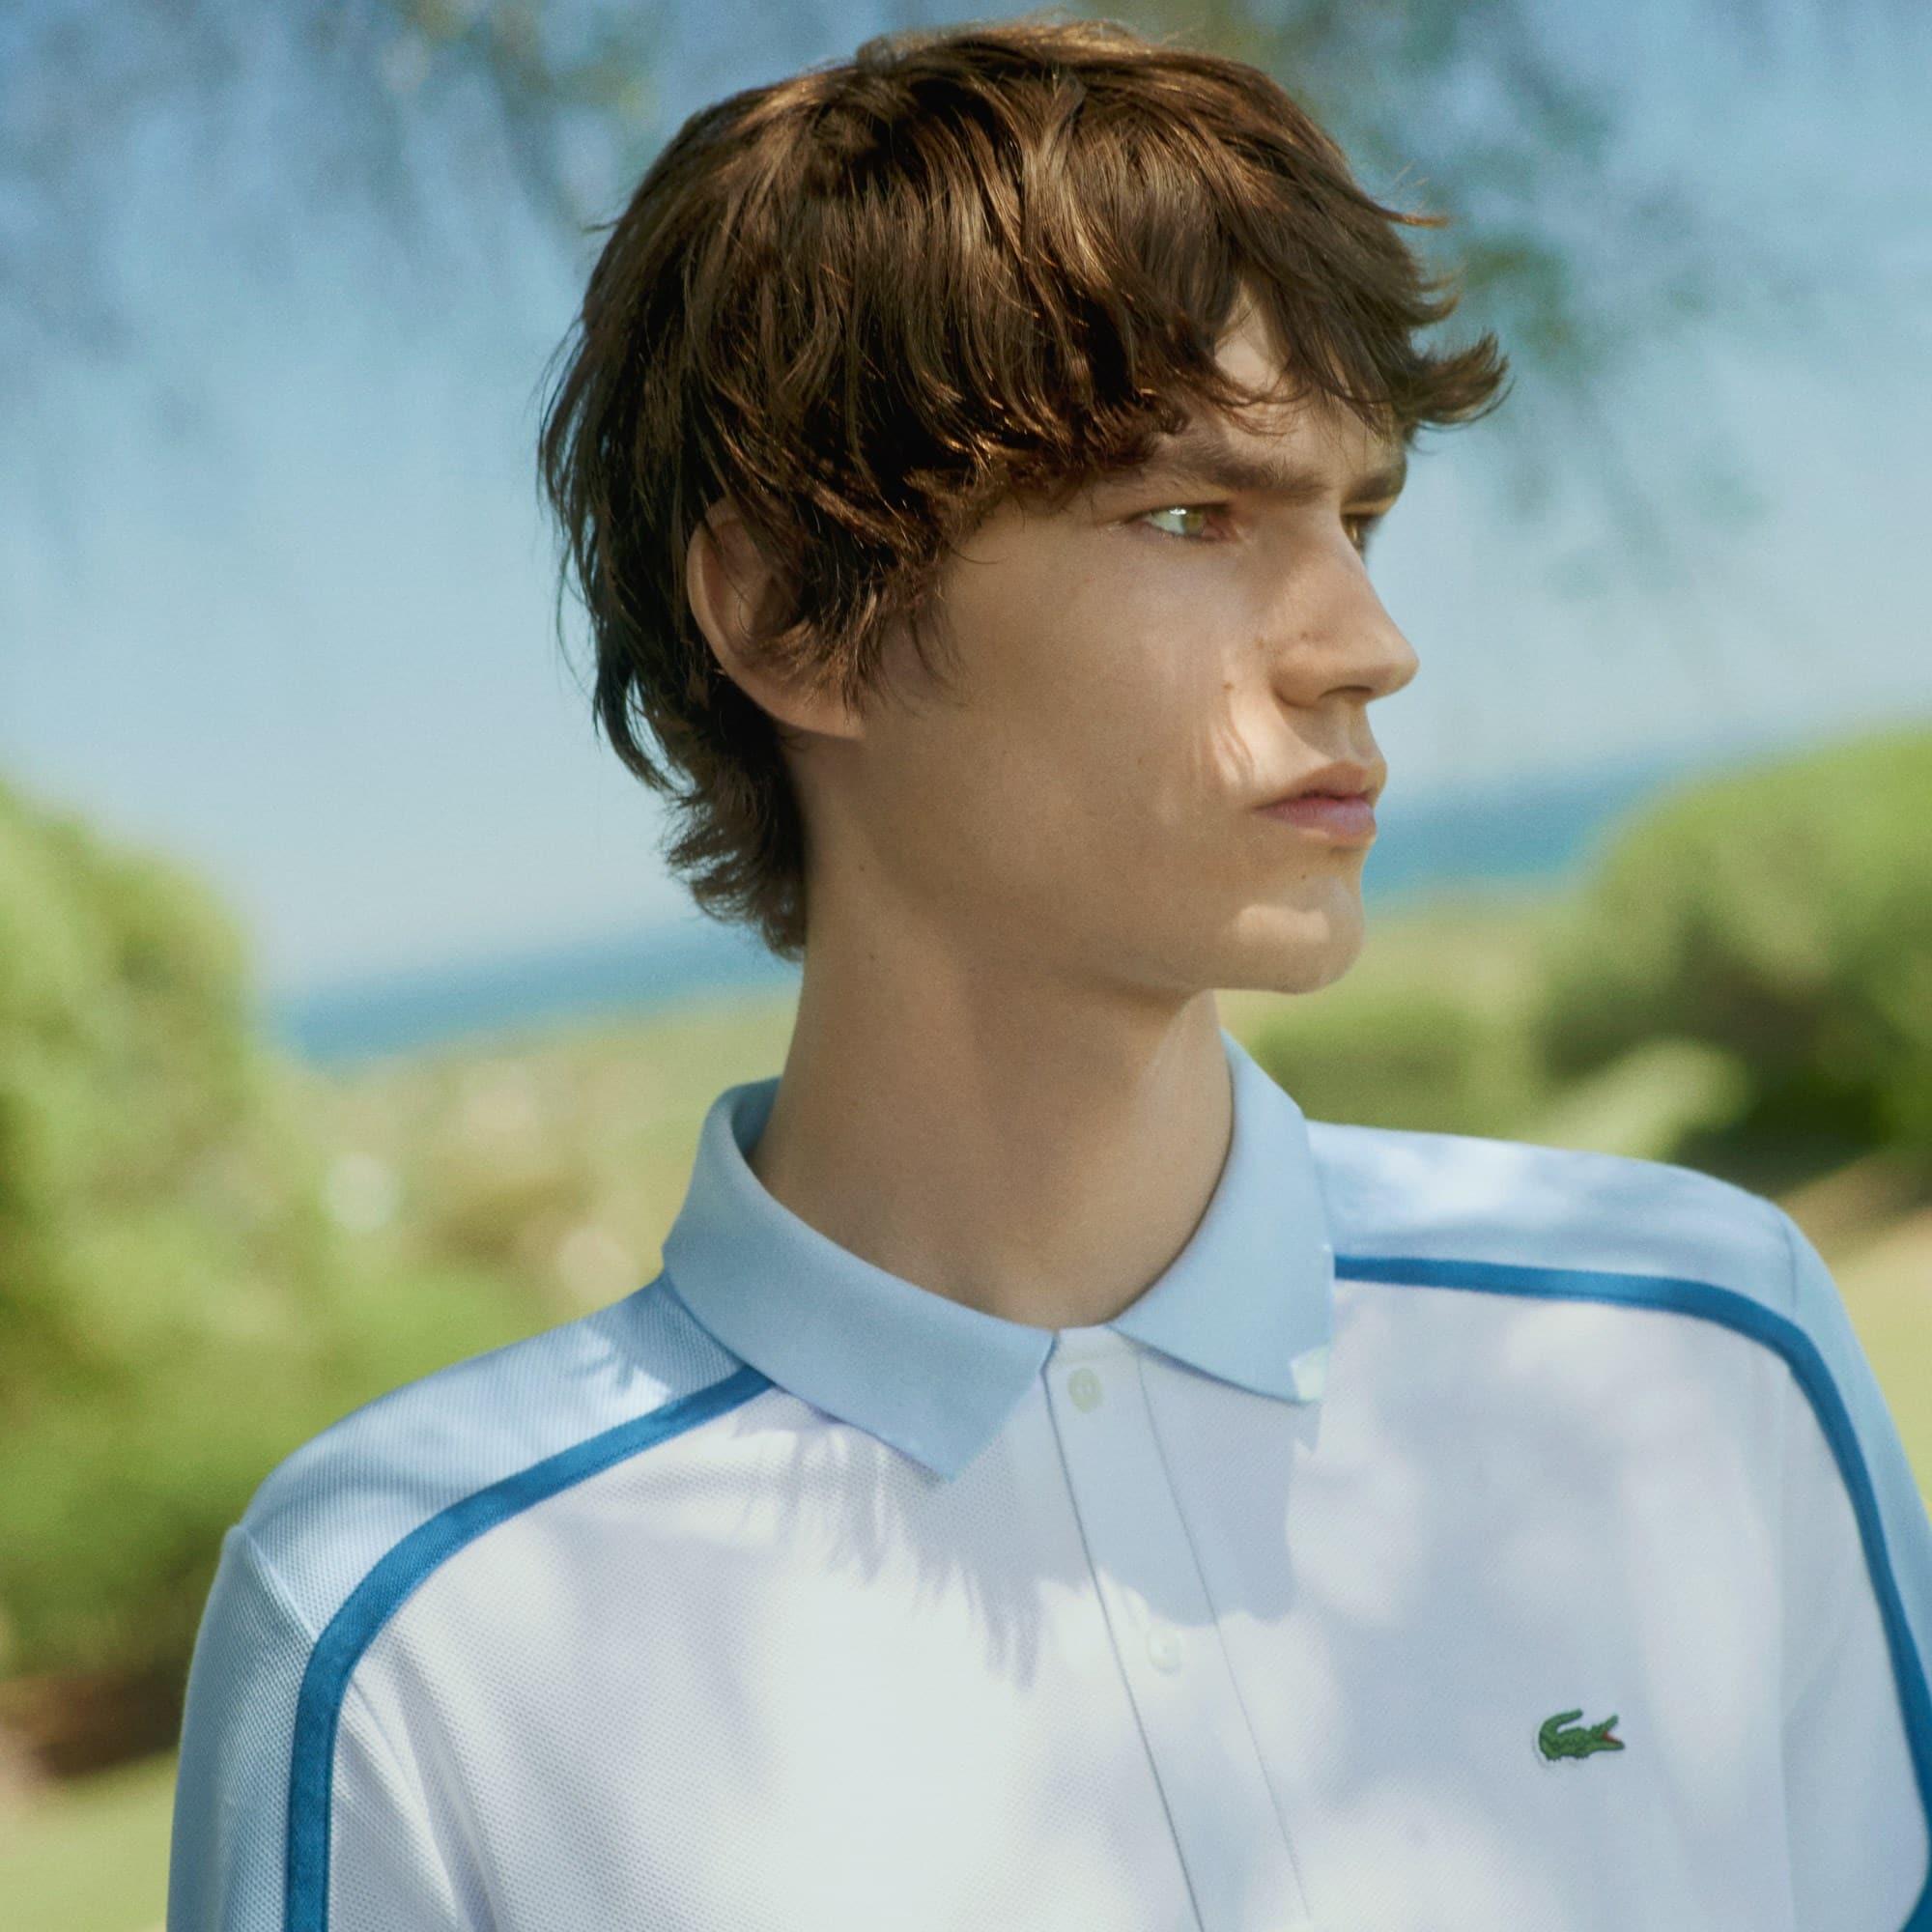 c3351532c قميص بولو رجالي من مجموعة صُنع في فرنسا بمقاس ضيق وألوان متصادمة في ...